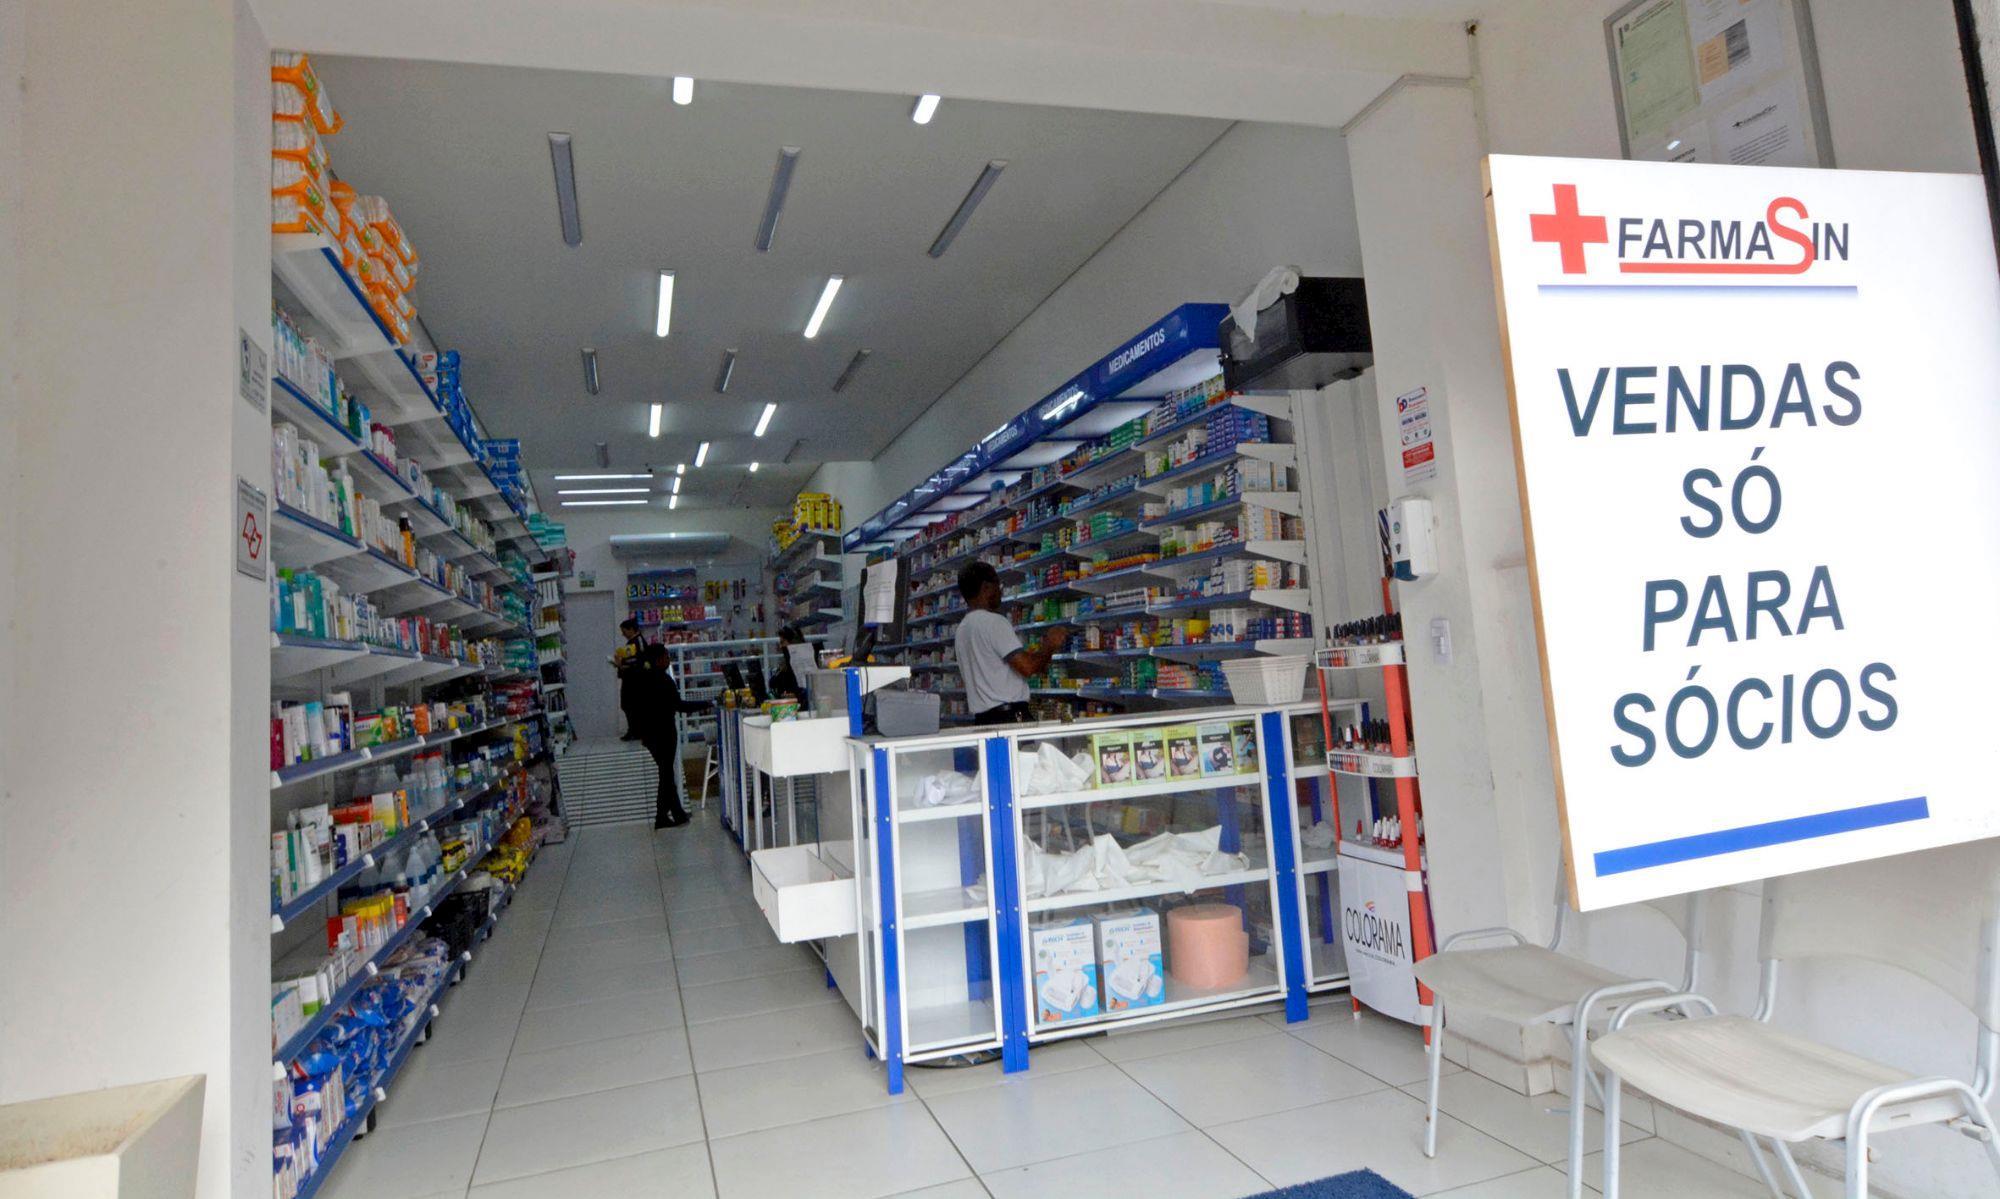 farmasin, farmácia, medicamento, desconto, convênio, sorocaba, Foguinho/Imprensa SMetal